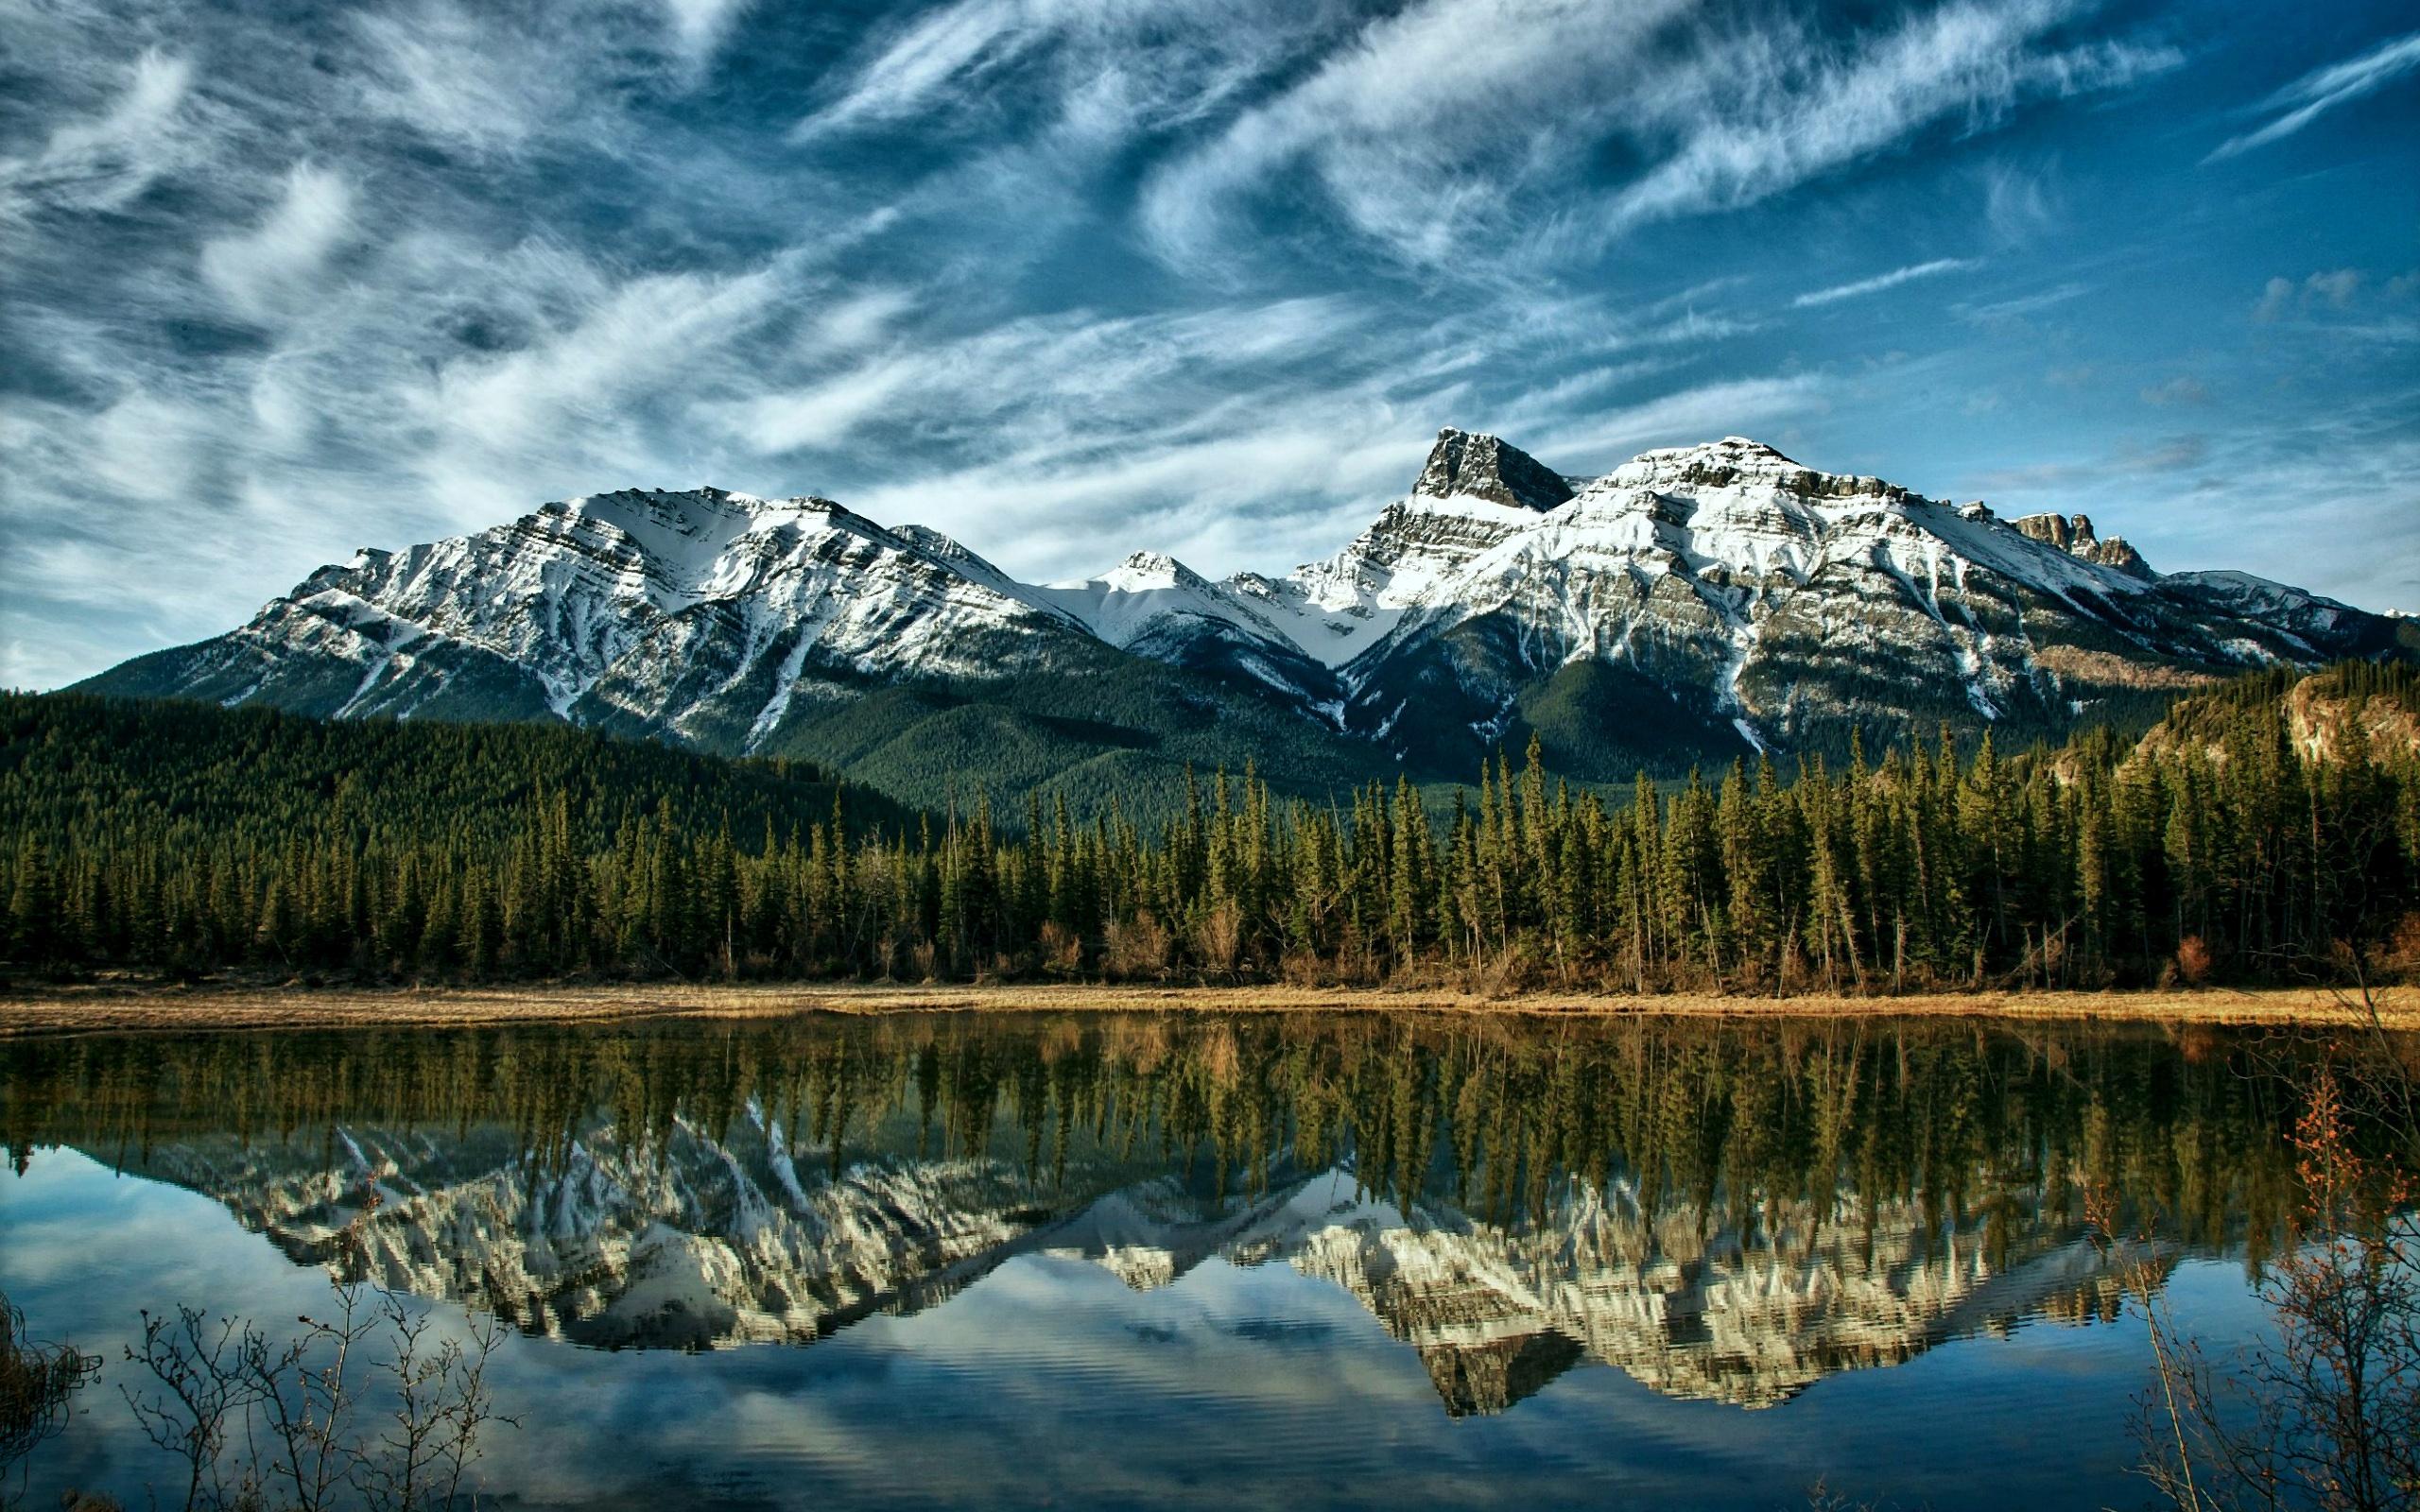 Paysage nature Canada Alberta lac montagnes enneiges la 2560x1600